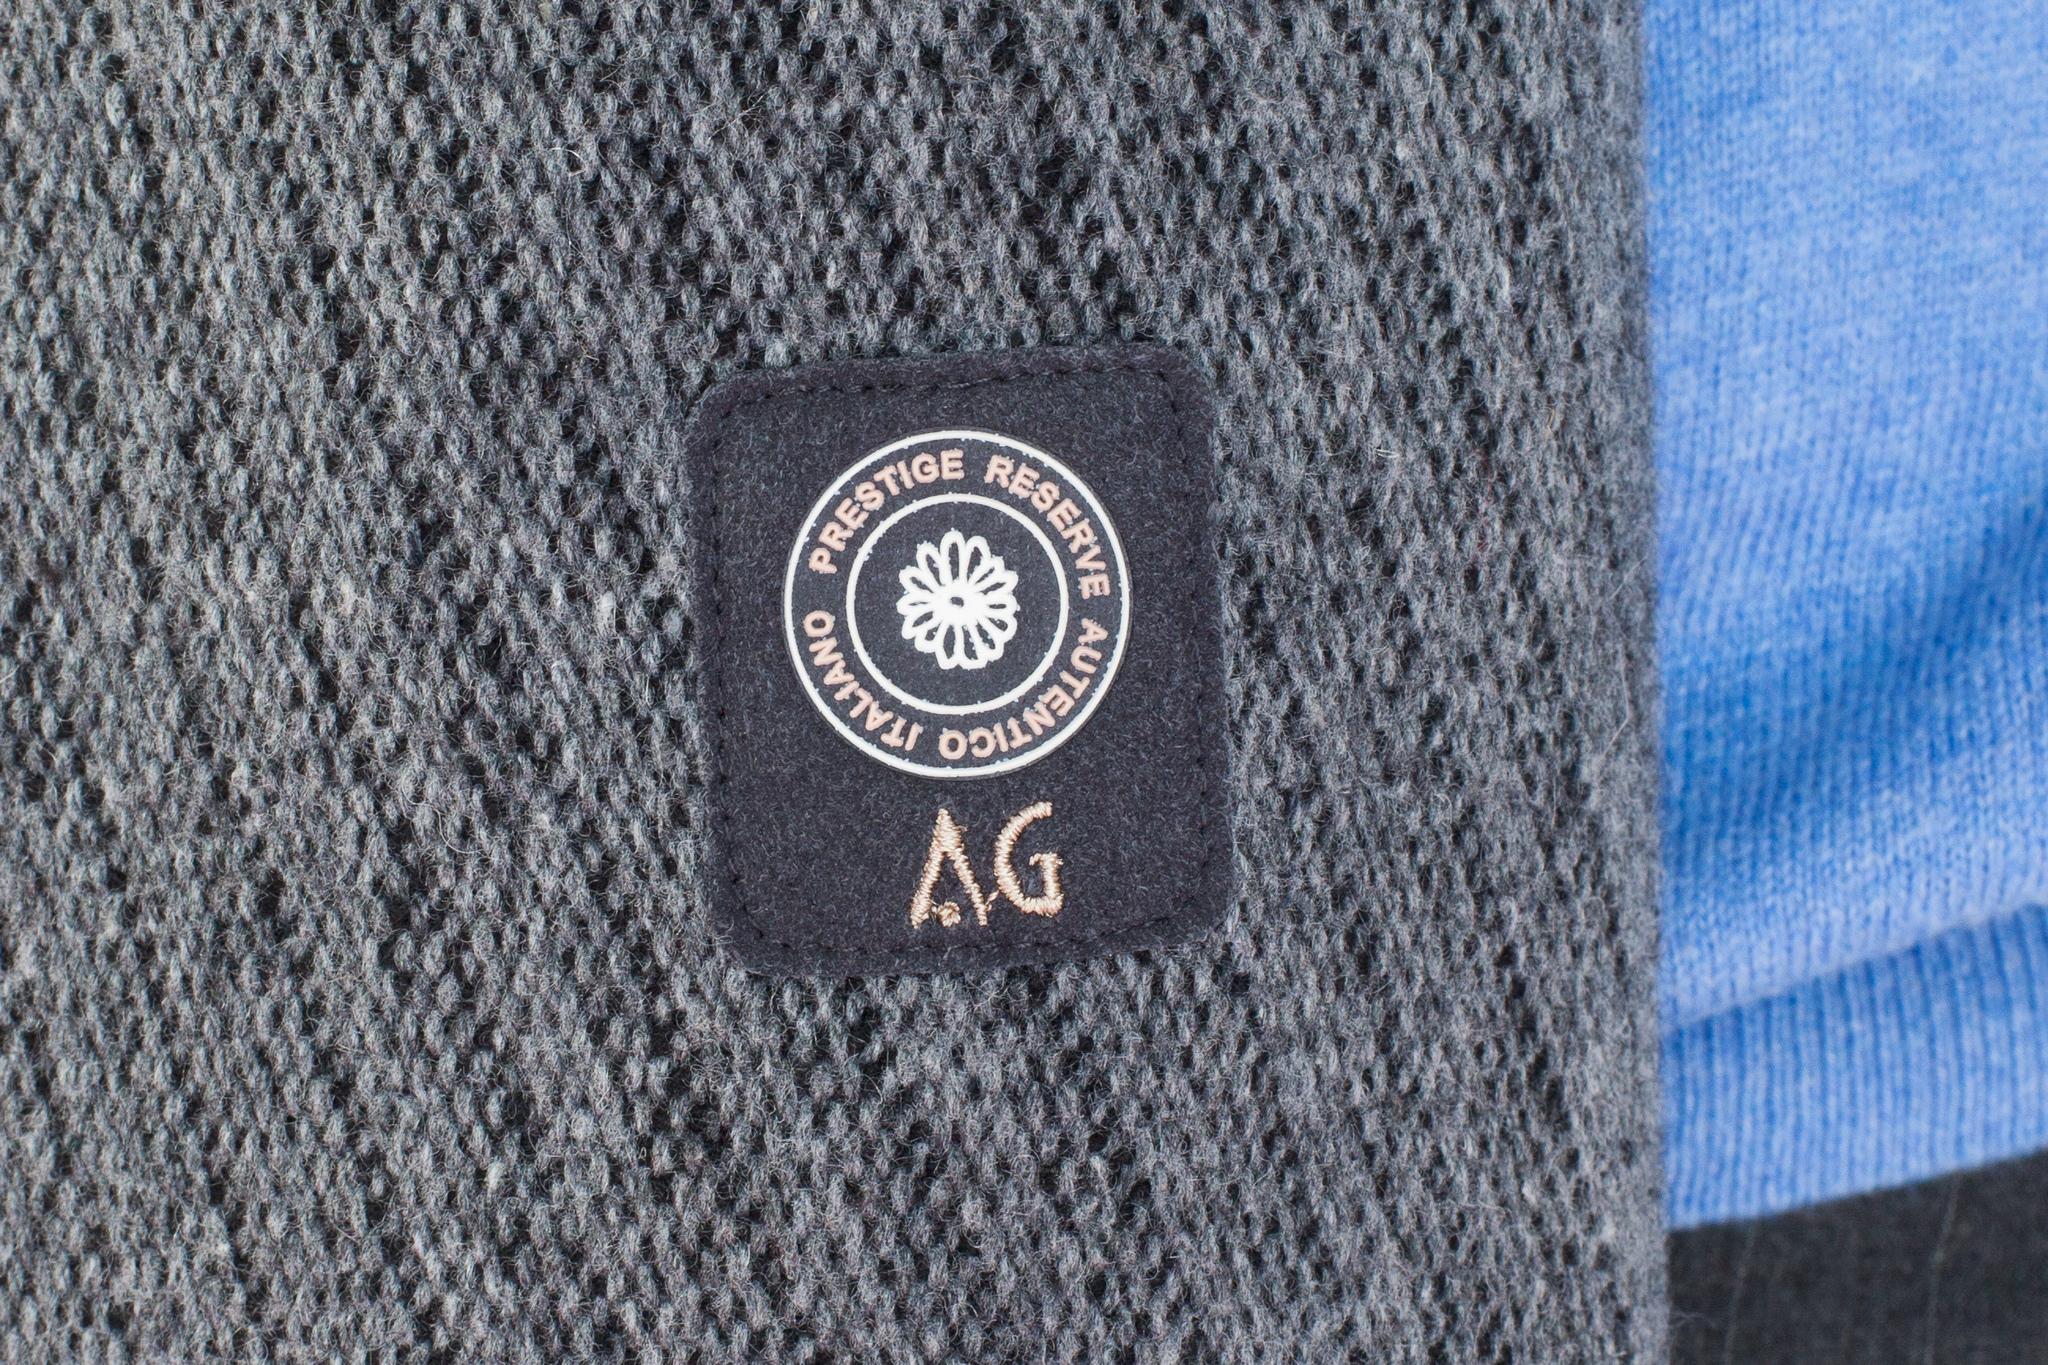 Серый короткий бушлат в полоску из смеси шерсти, хлопка и синтетики, логотип